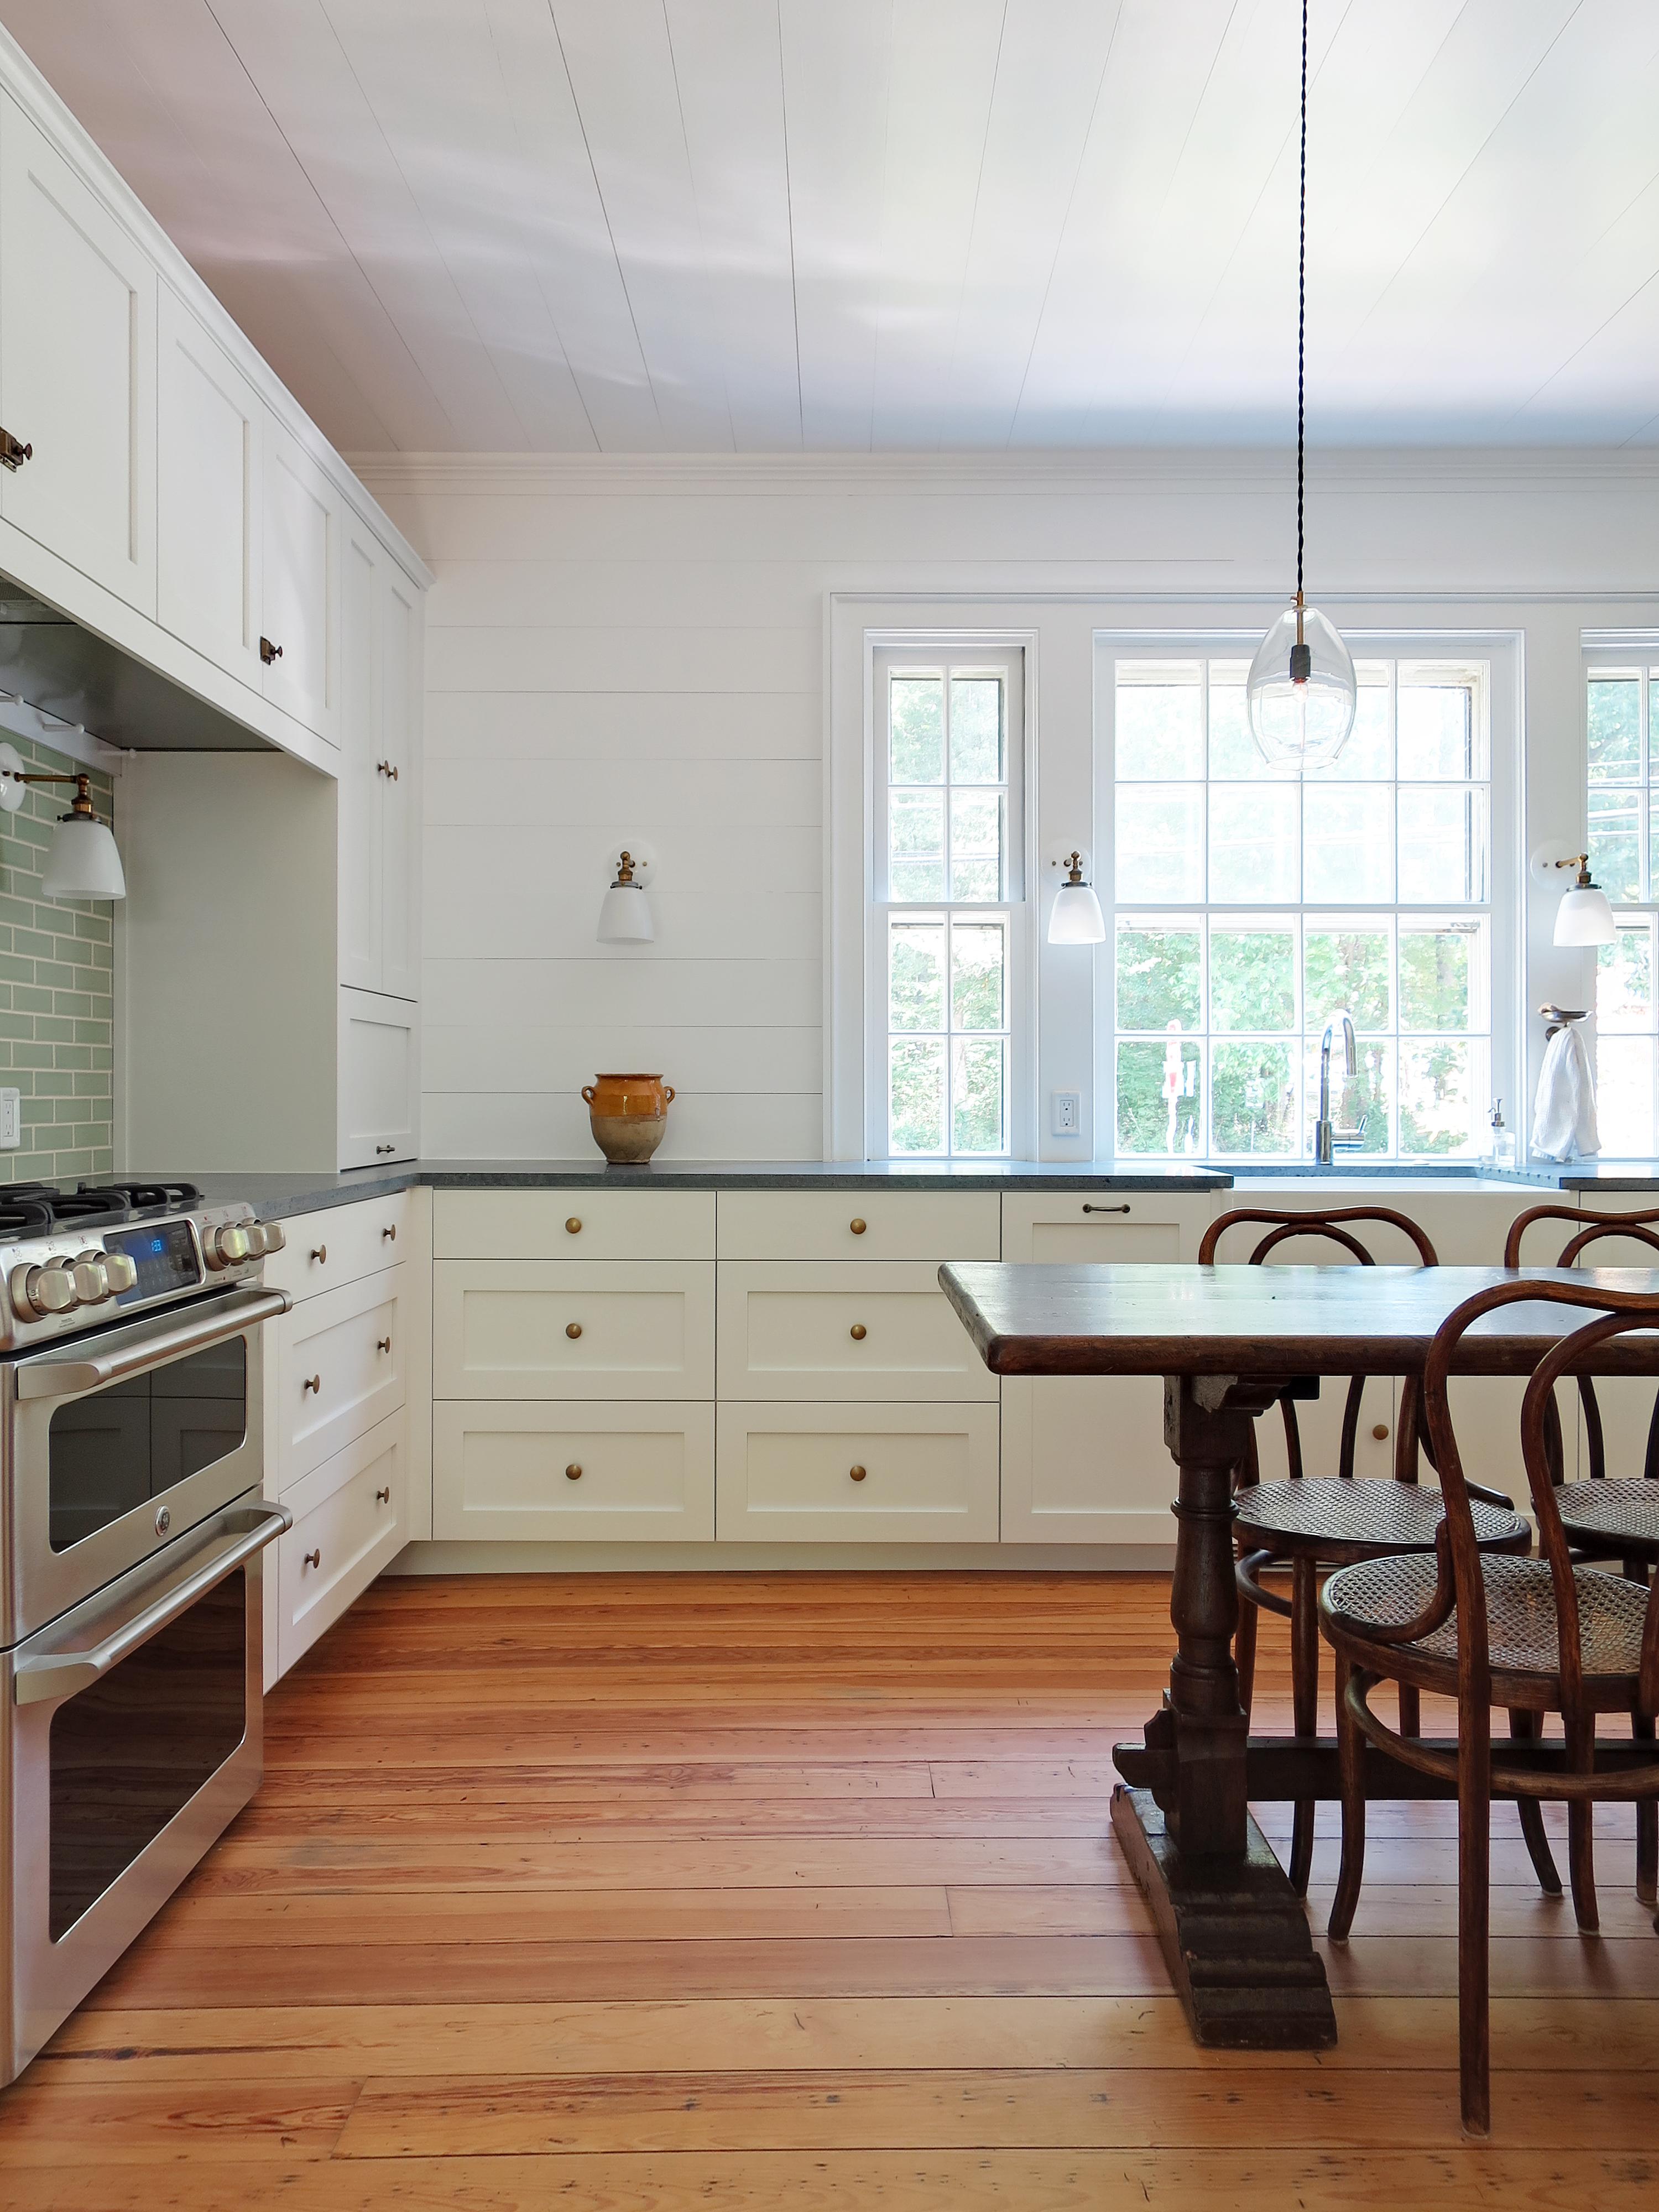 Kitchen to sink window